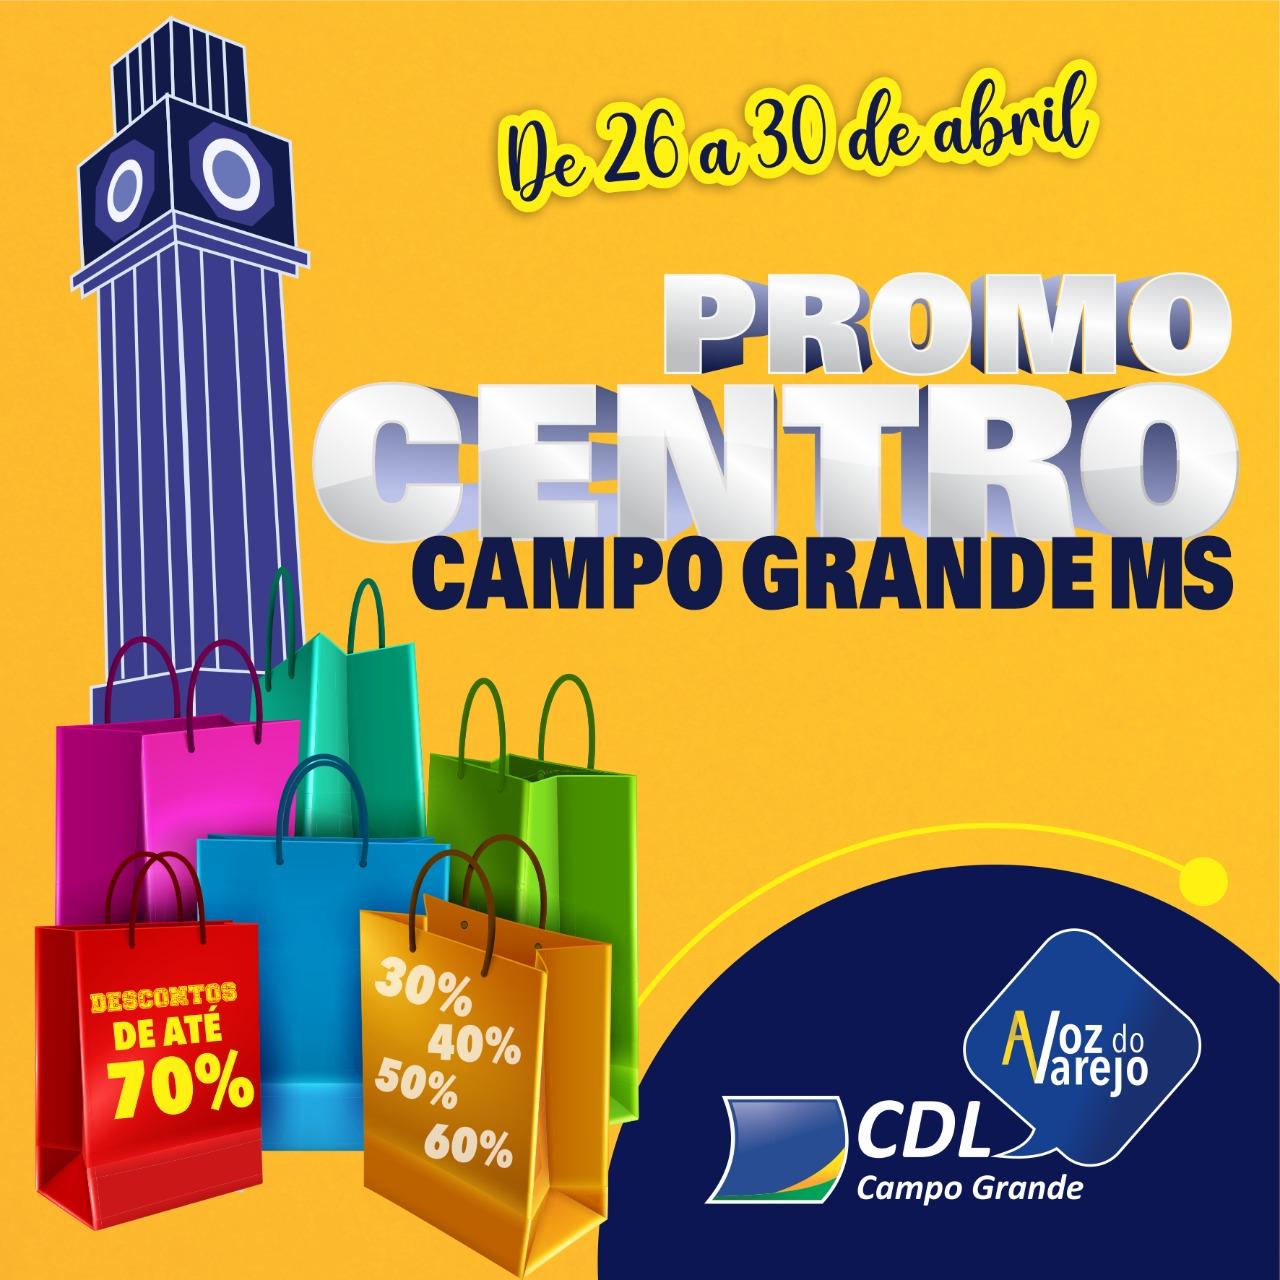 promocentro-campanha-promoção-descontos-lojas-centro-varejo-câmara-dirigentes-lojistas-obras-ruas-centro-campo-grande-ms-2021